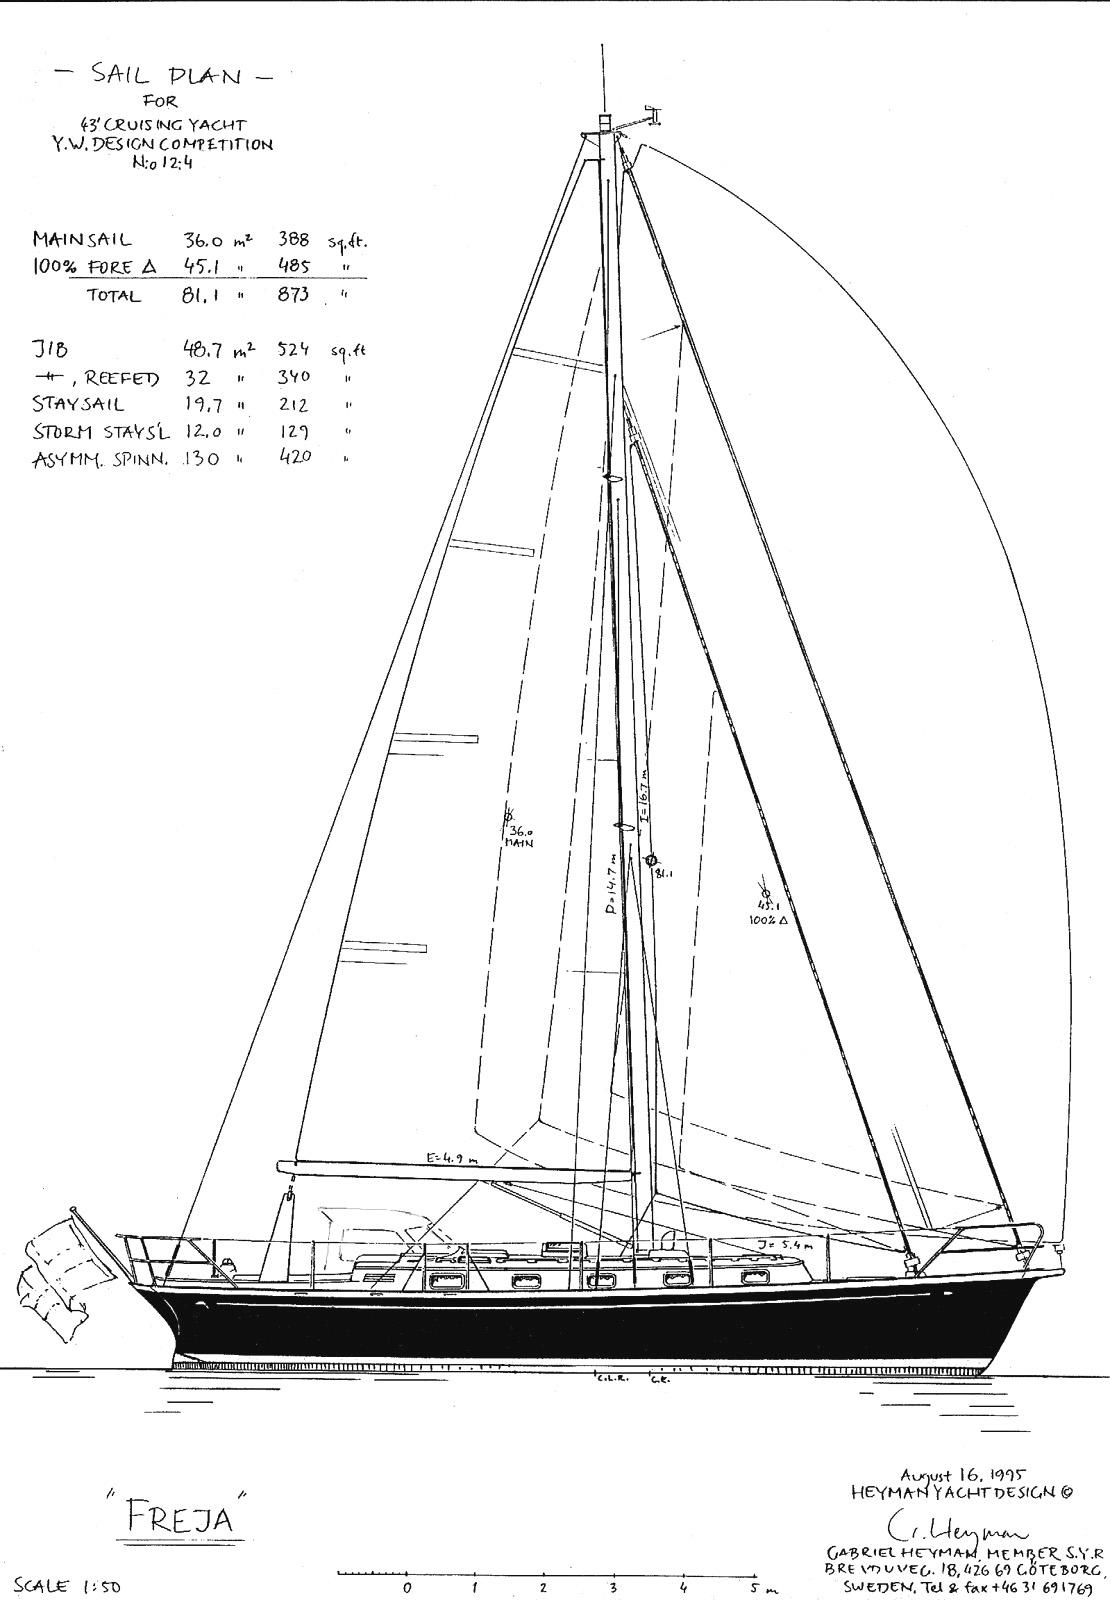 43' Freja, Sail Plan